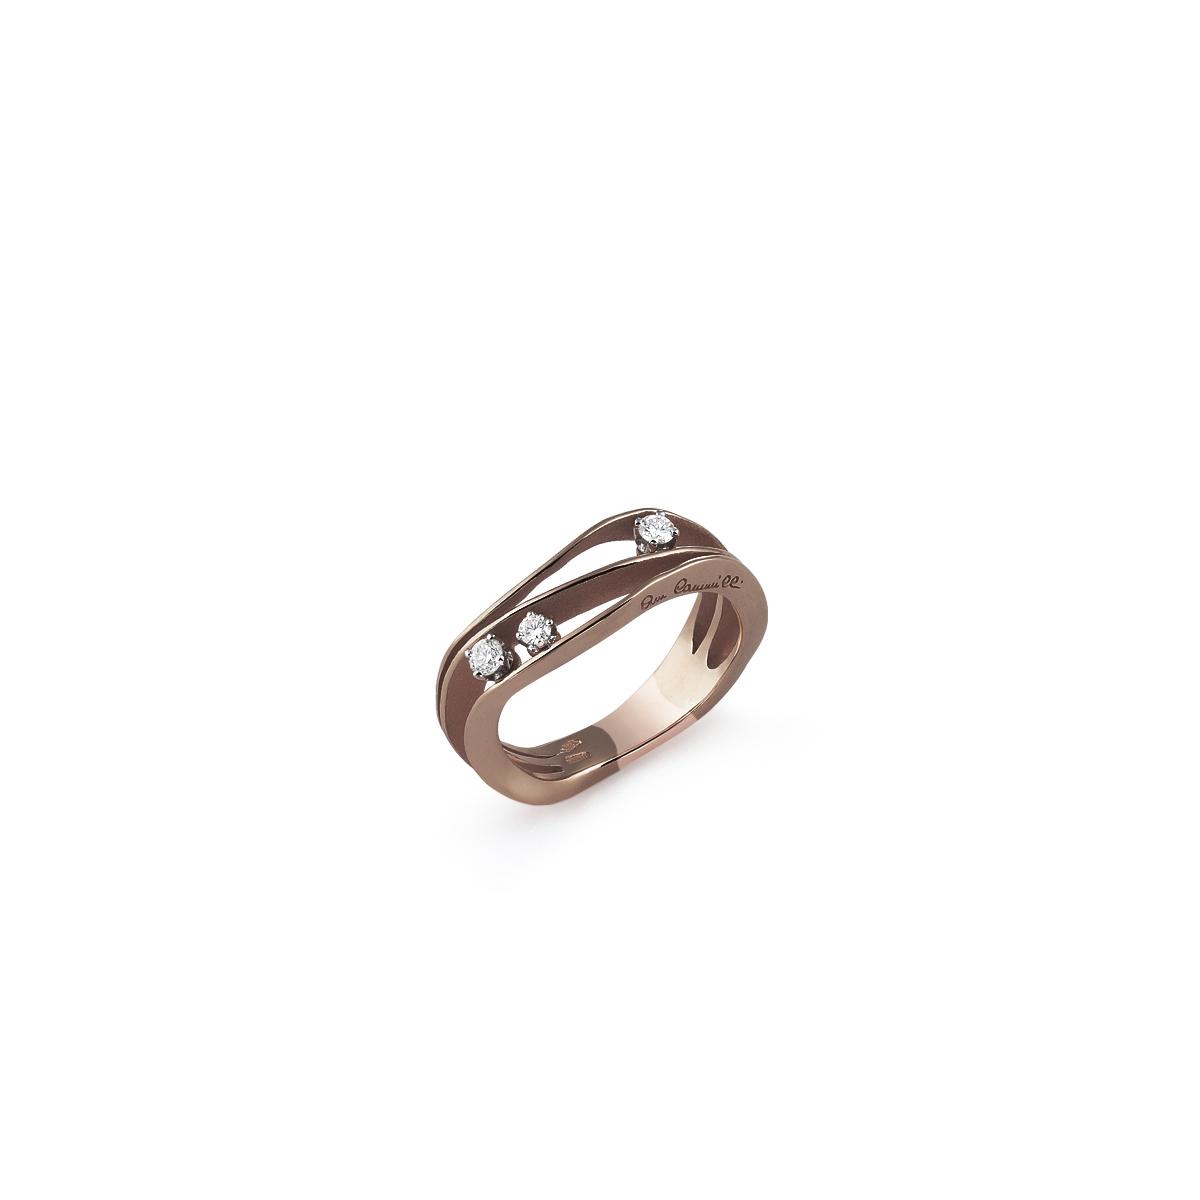 Annamaria Cammilli Dune Ring aus 18 Karat Brown Chocolate Gold mit Brillanten